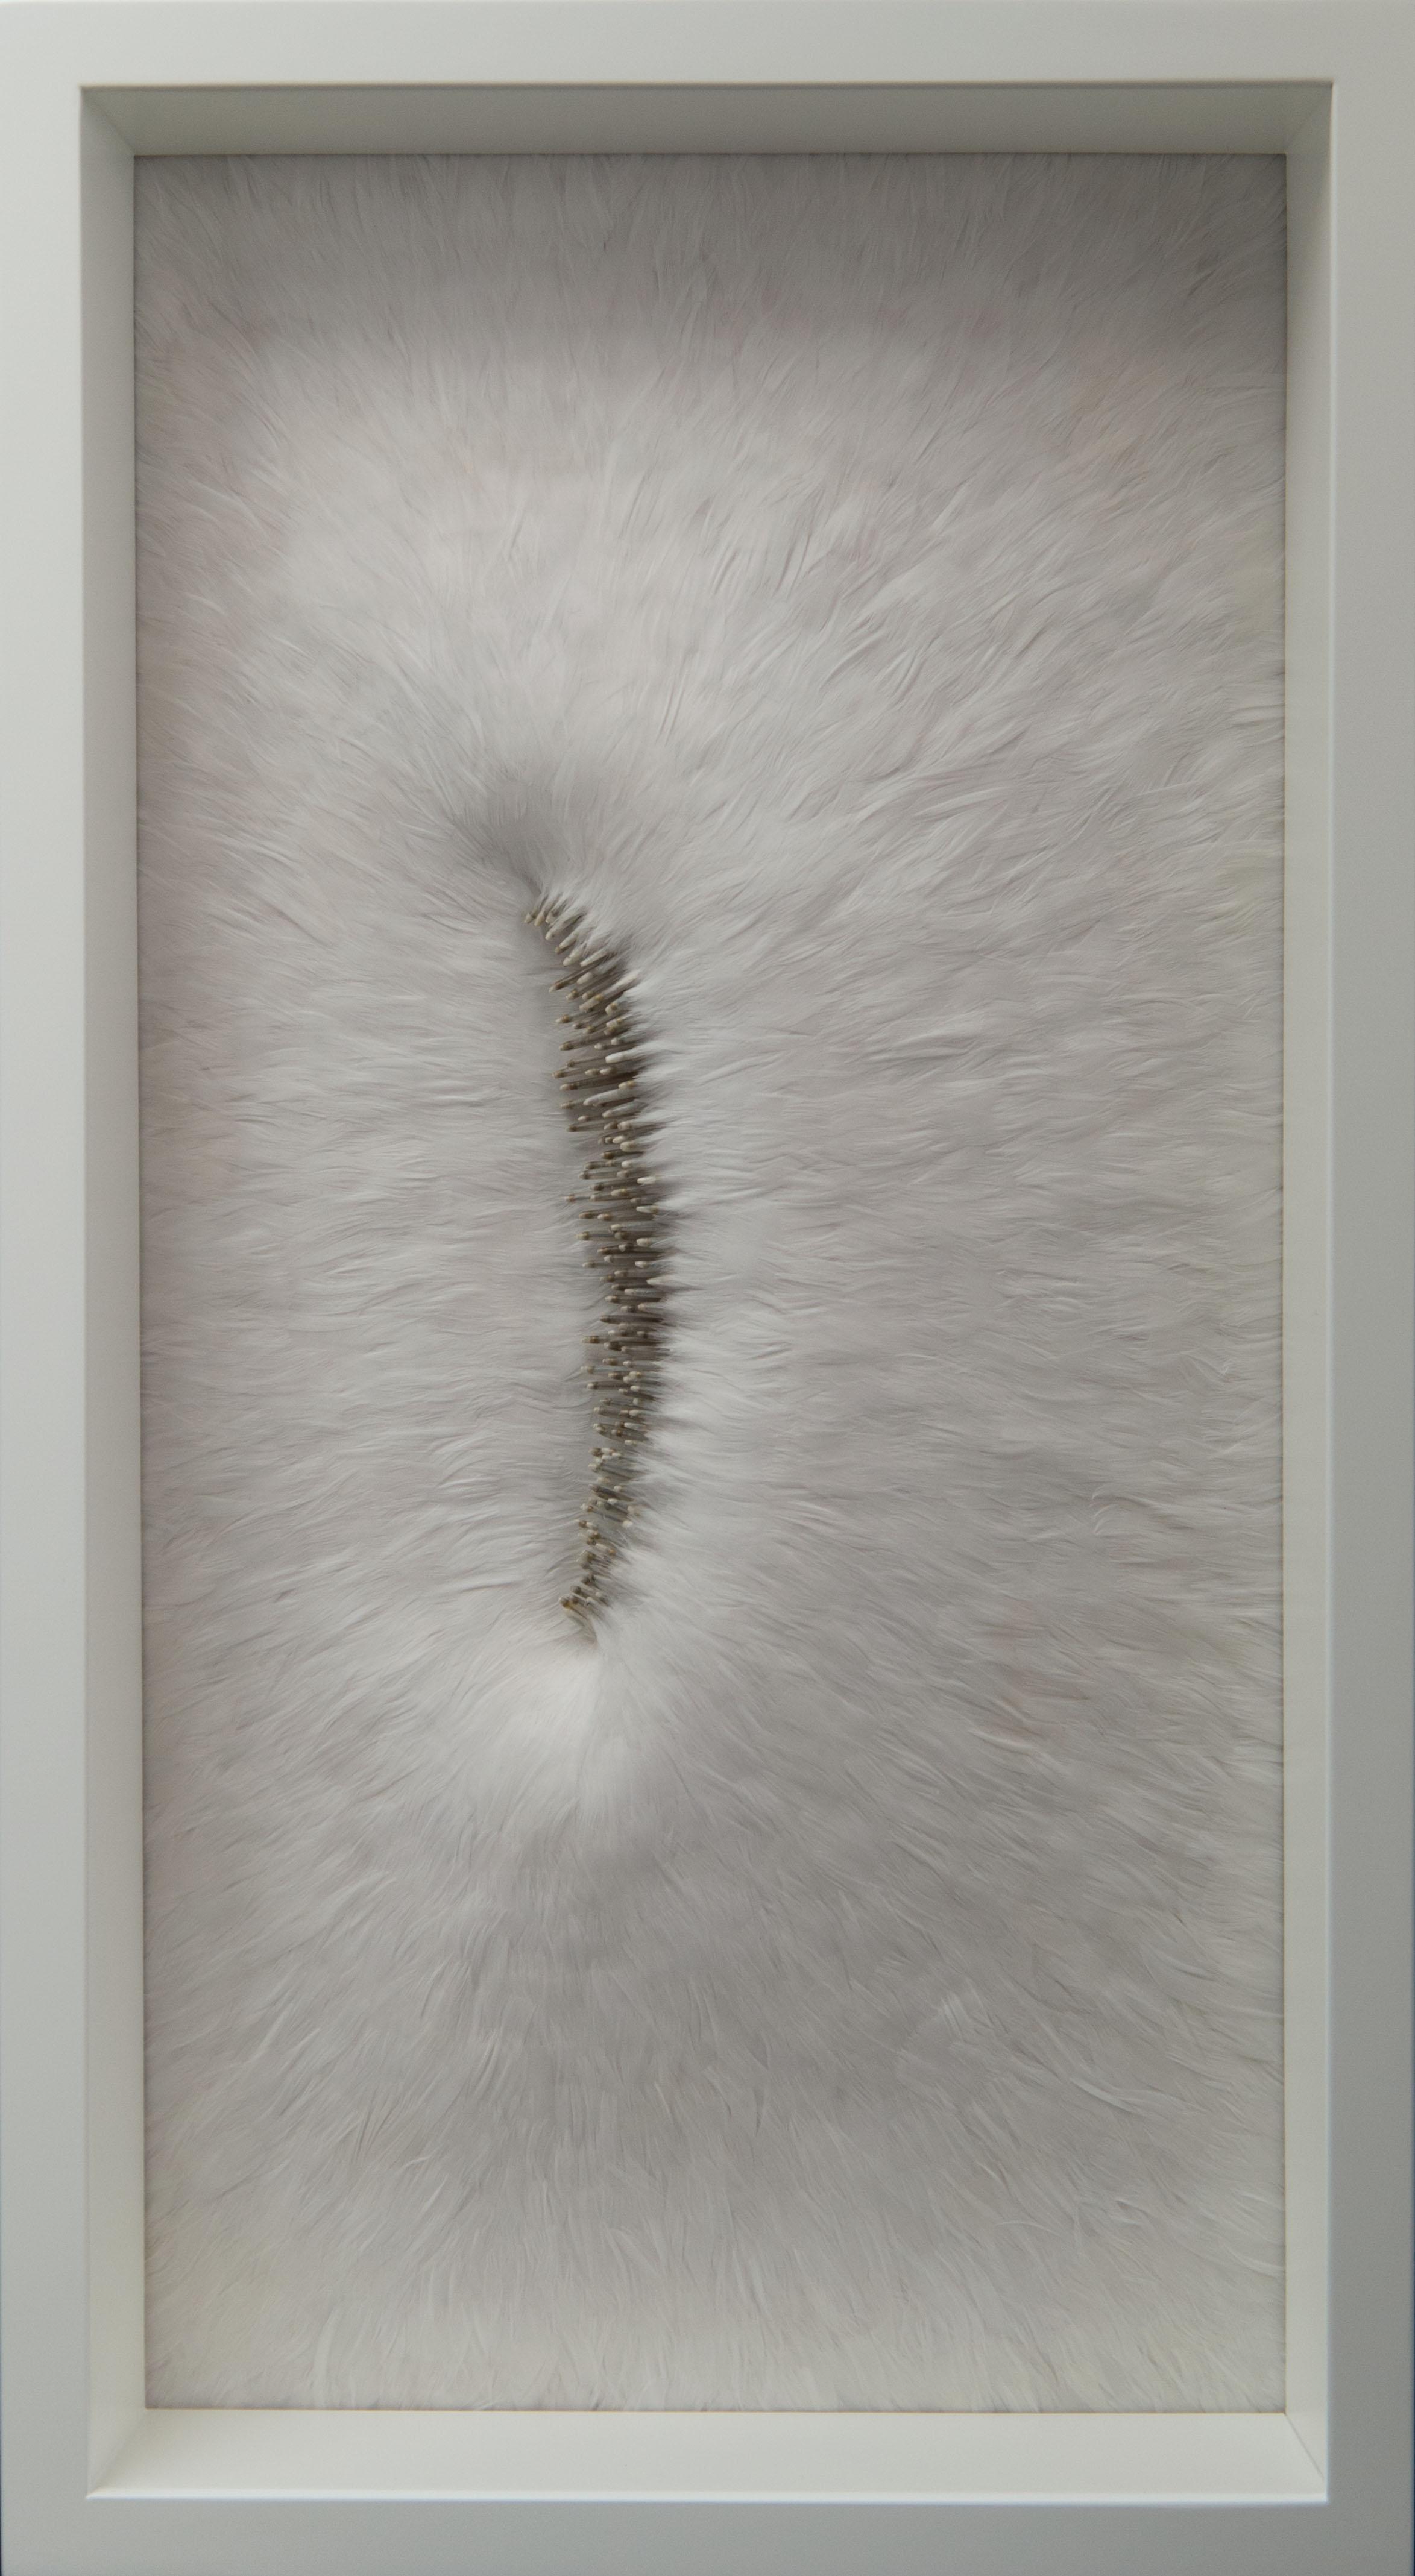 Sissure (Breach  ), 2016, Kate MccGwire - Photo: JP Bland